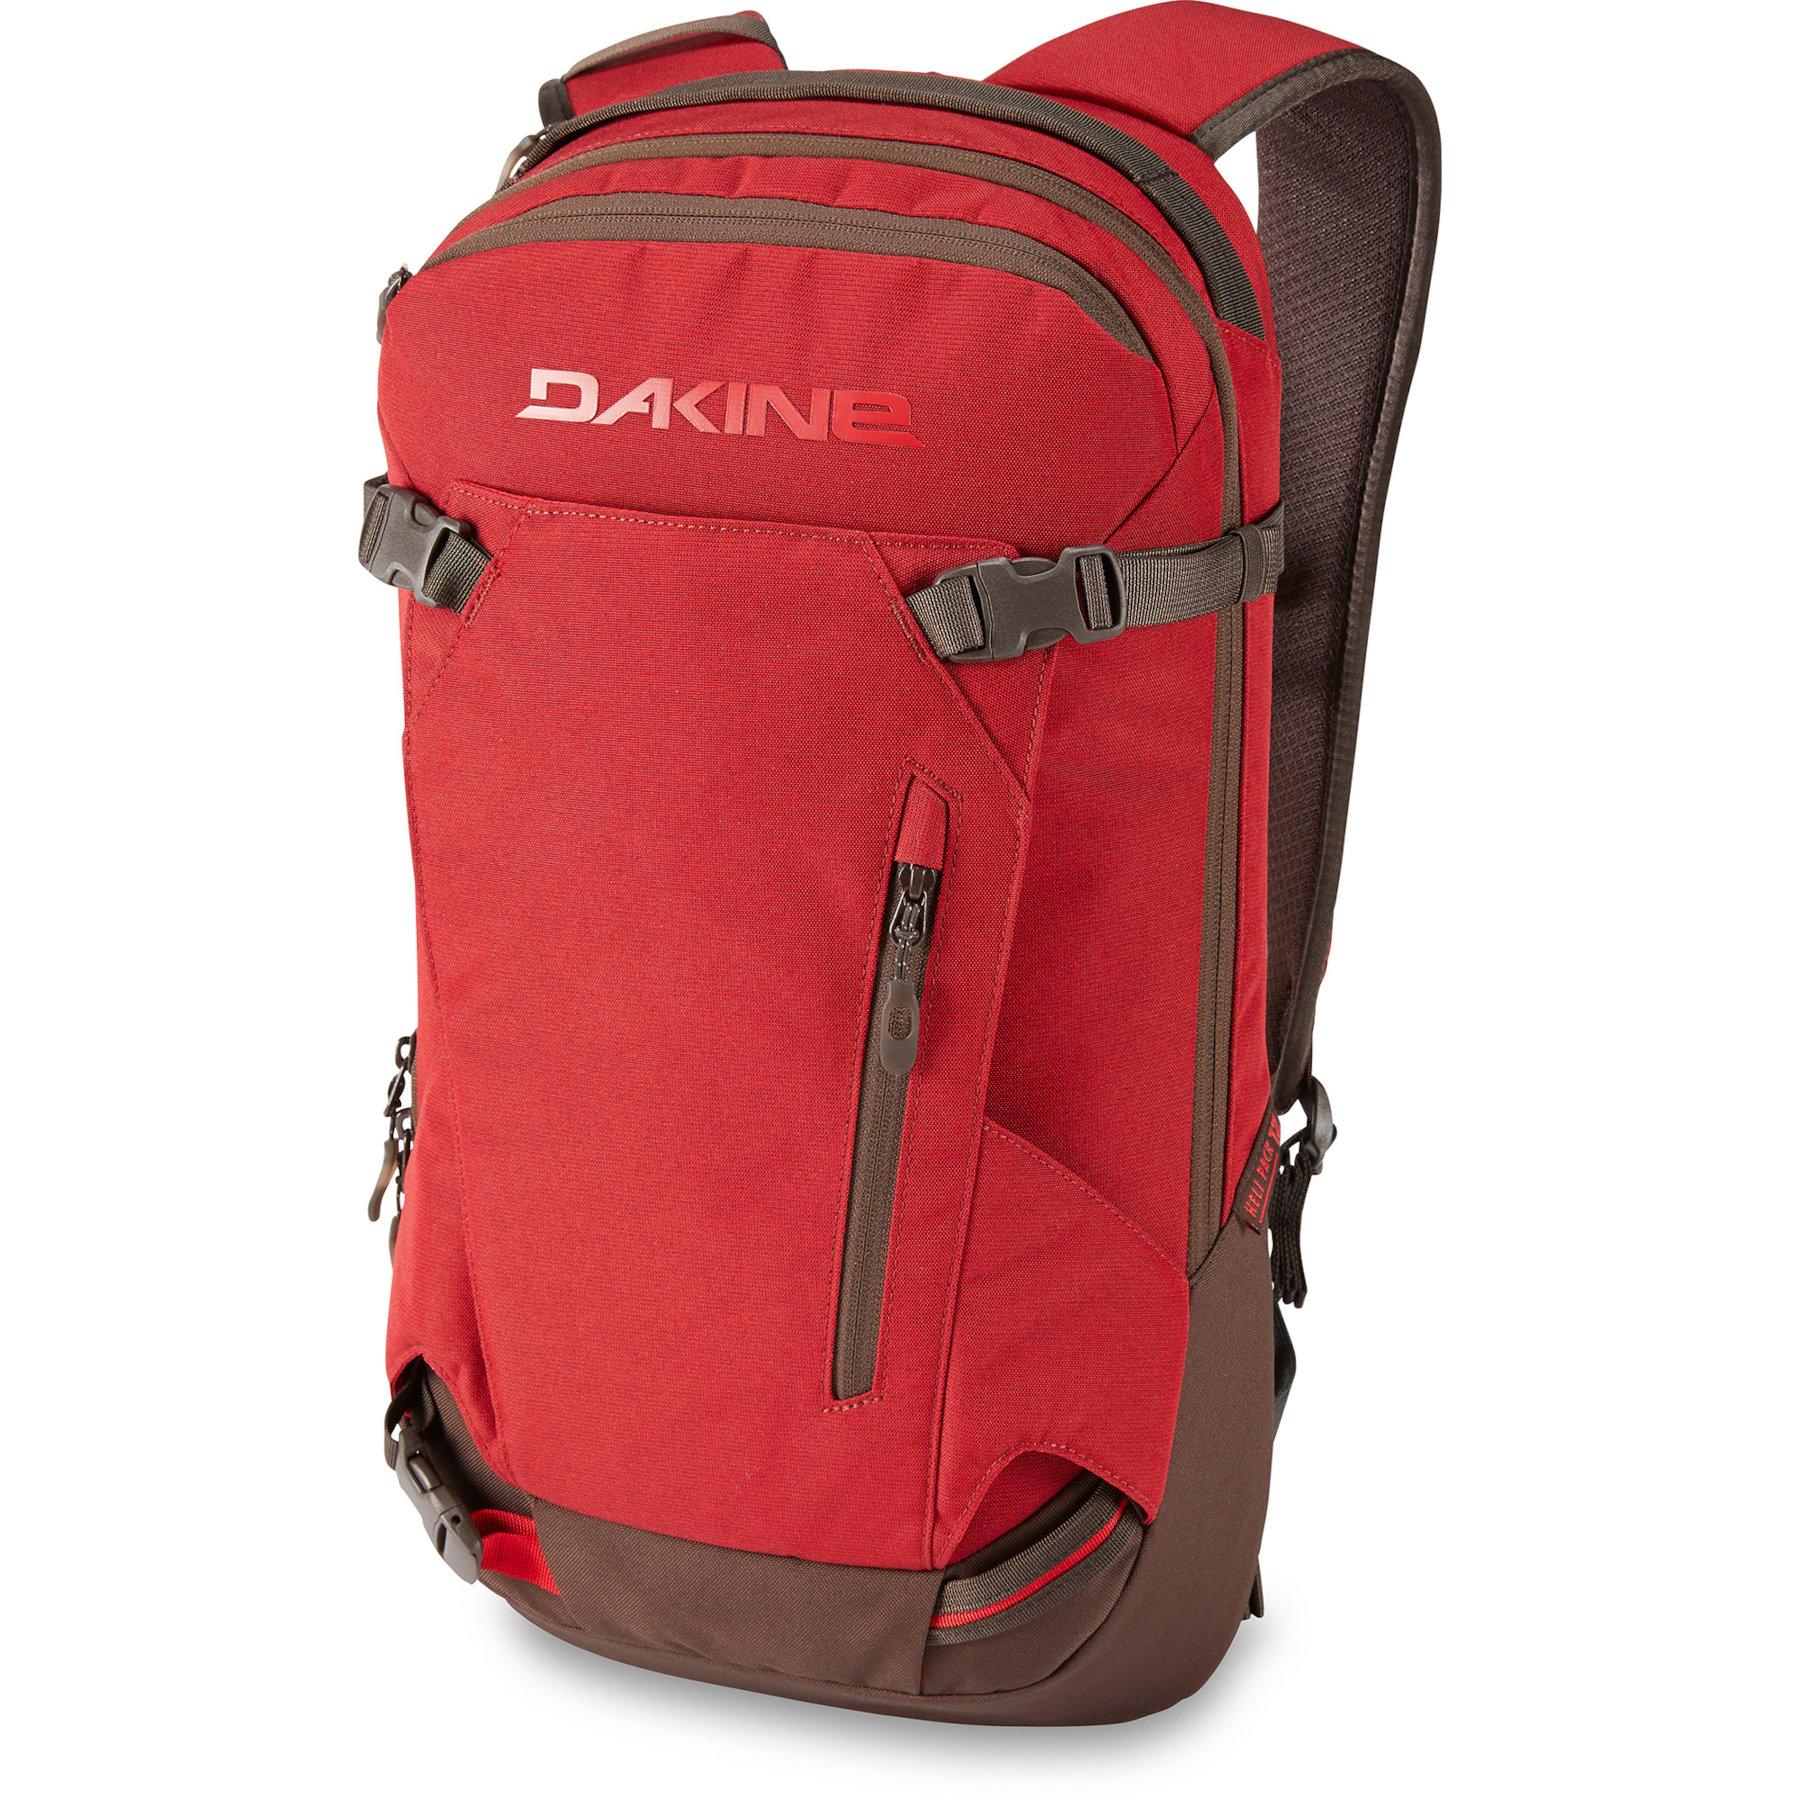 Dakine Heli Pack 12L Backpack - Deep Red